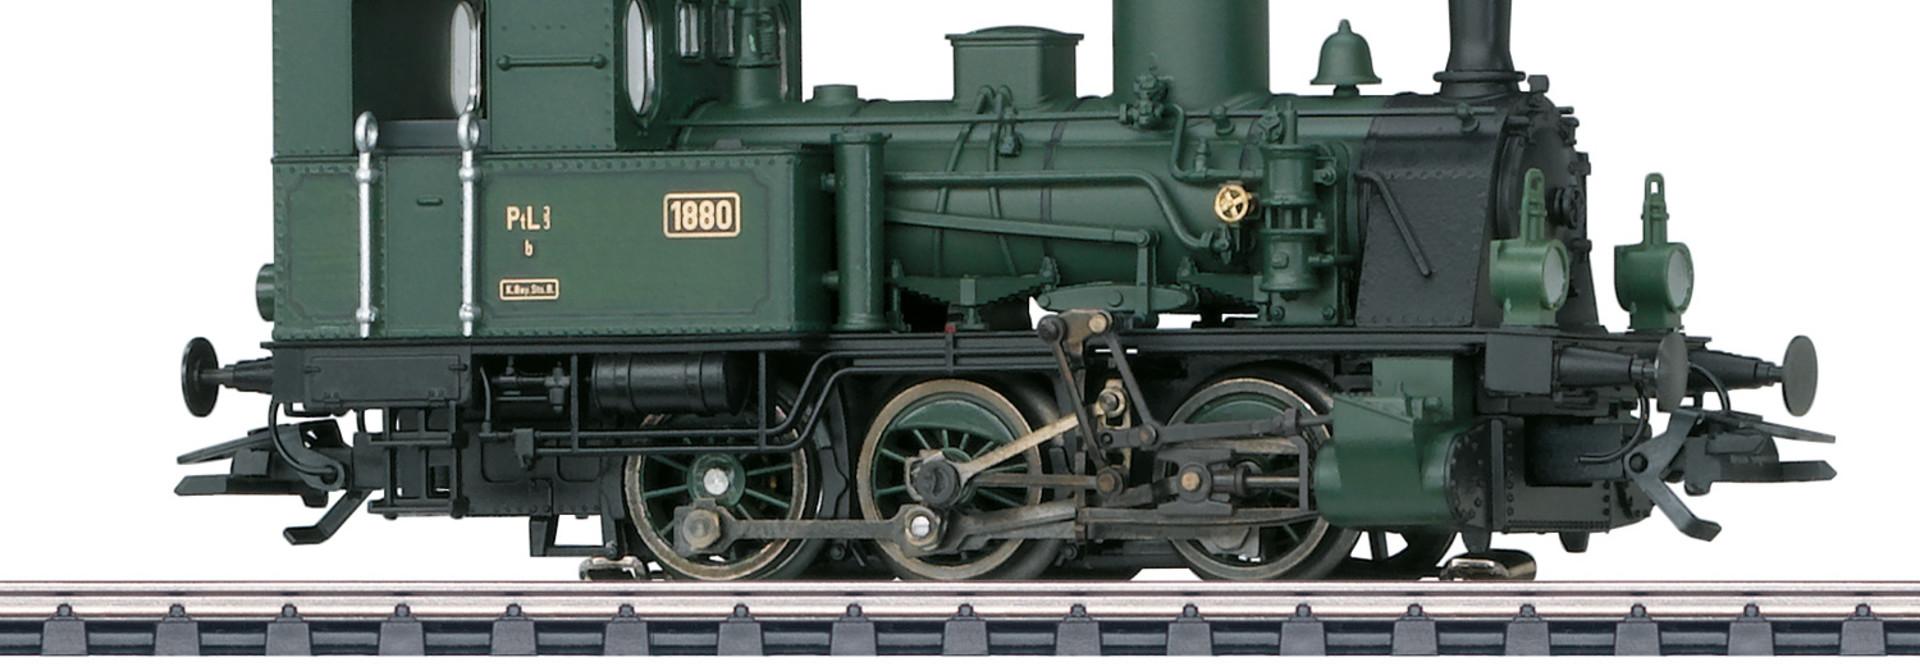 37189 stoomlocomotief T3 Eurotrain exclusief